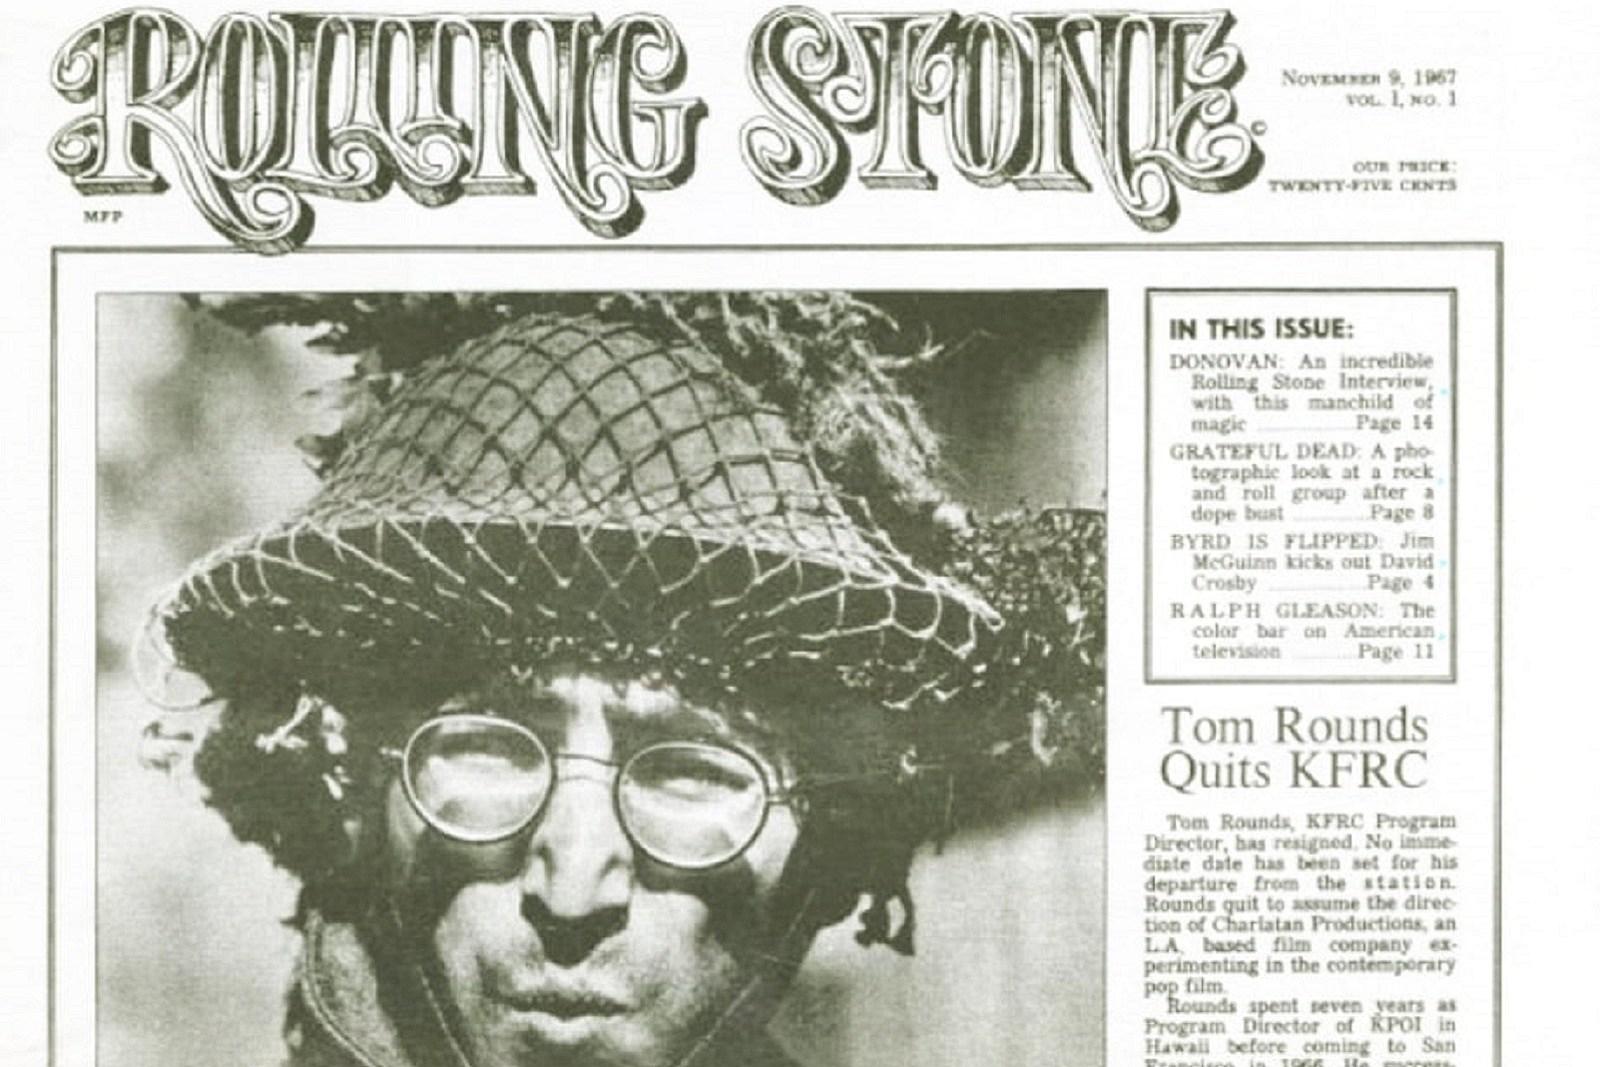 Αποτέλεσμα εικόνας για How I Won the War rolling stone 1967 front page